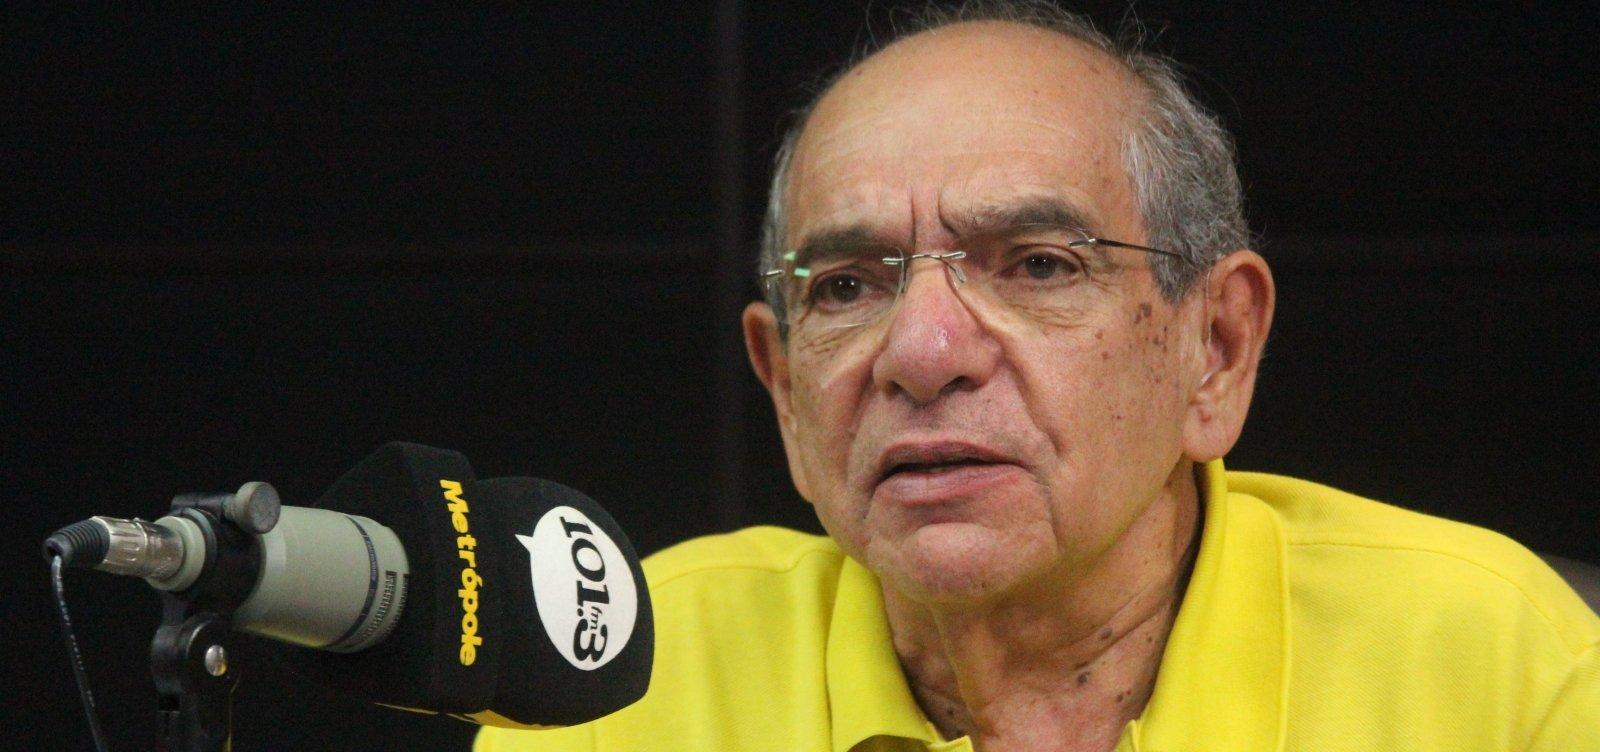 MK lamenta fechamento da Ford e relembra 'luta' pela fábrica de Camaçari; ouça